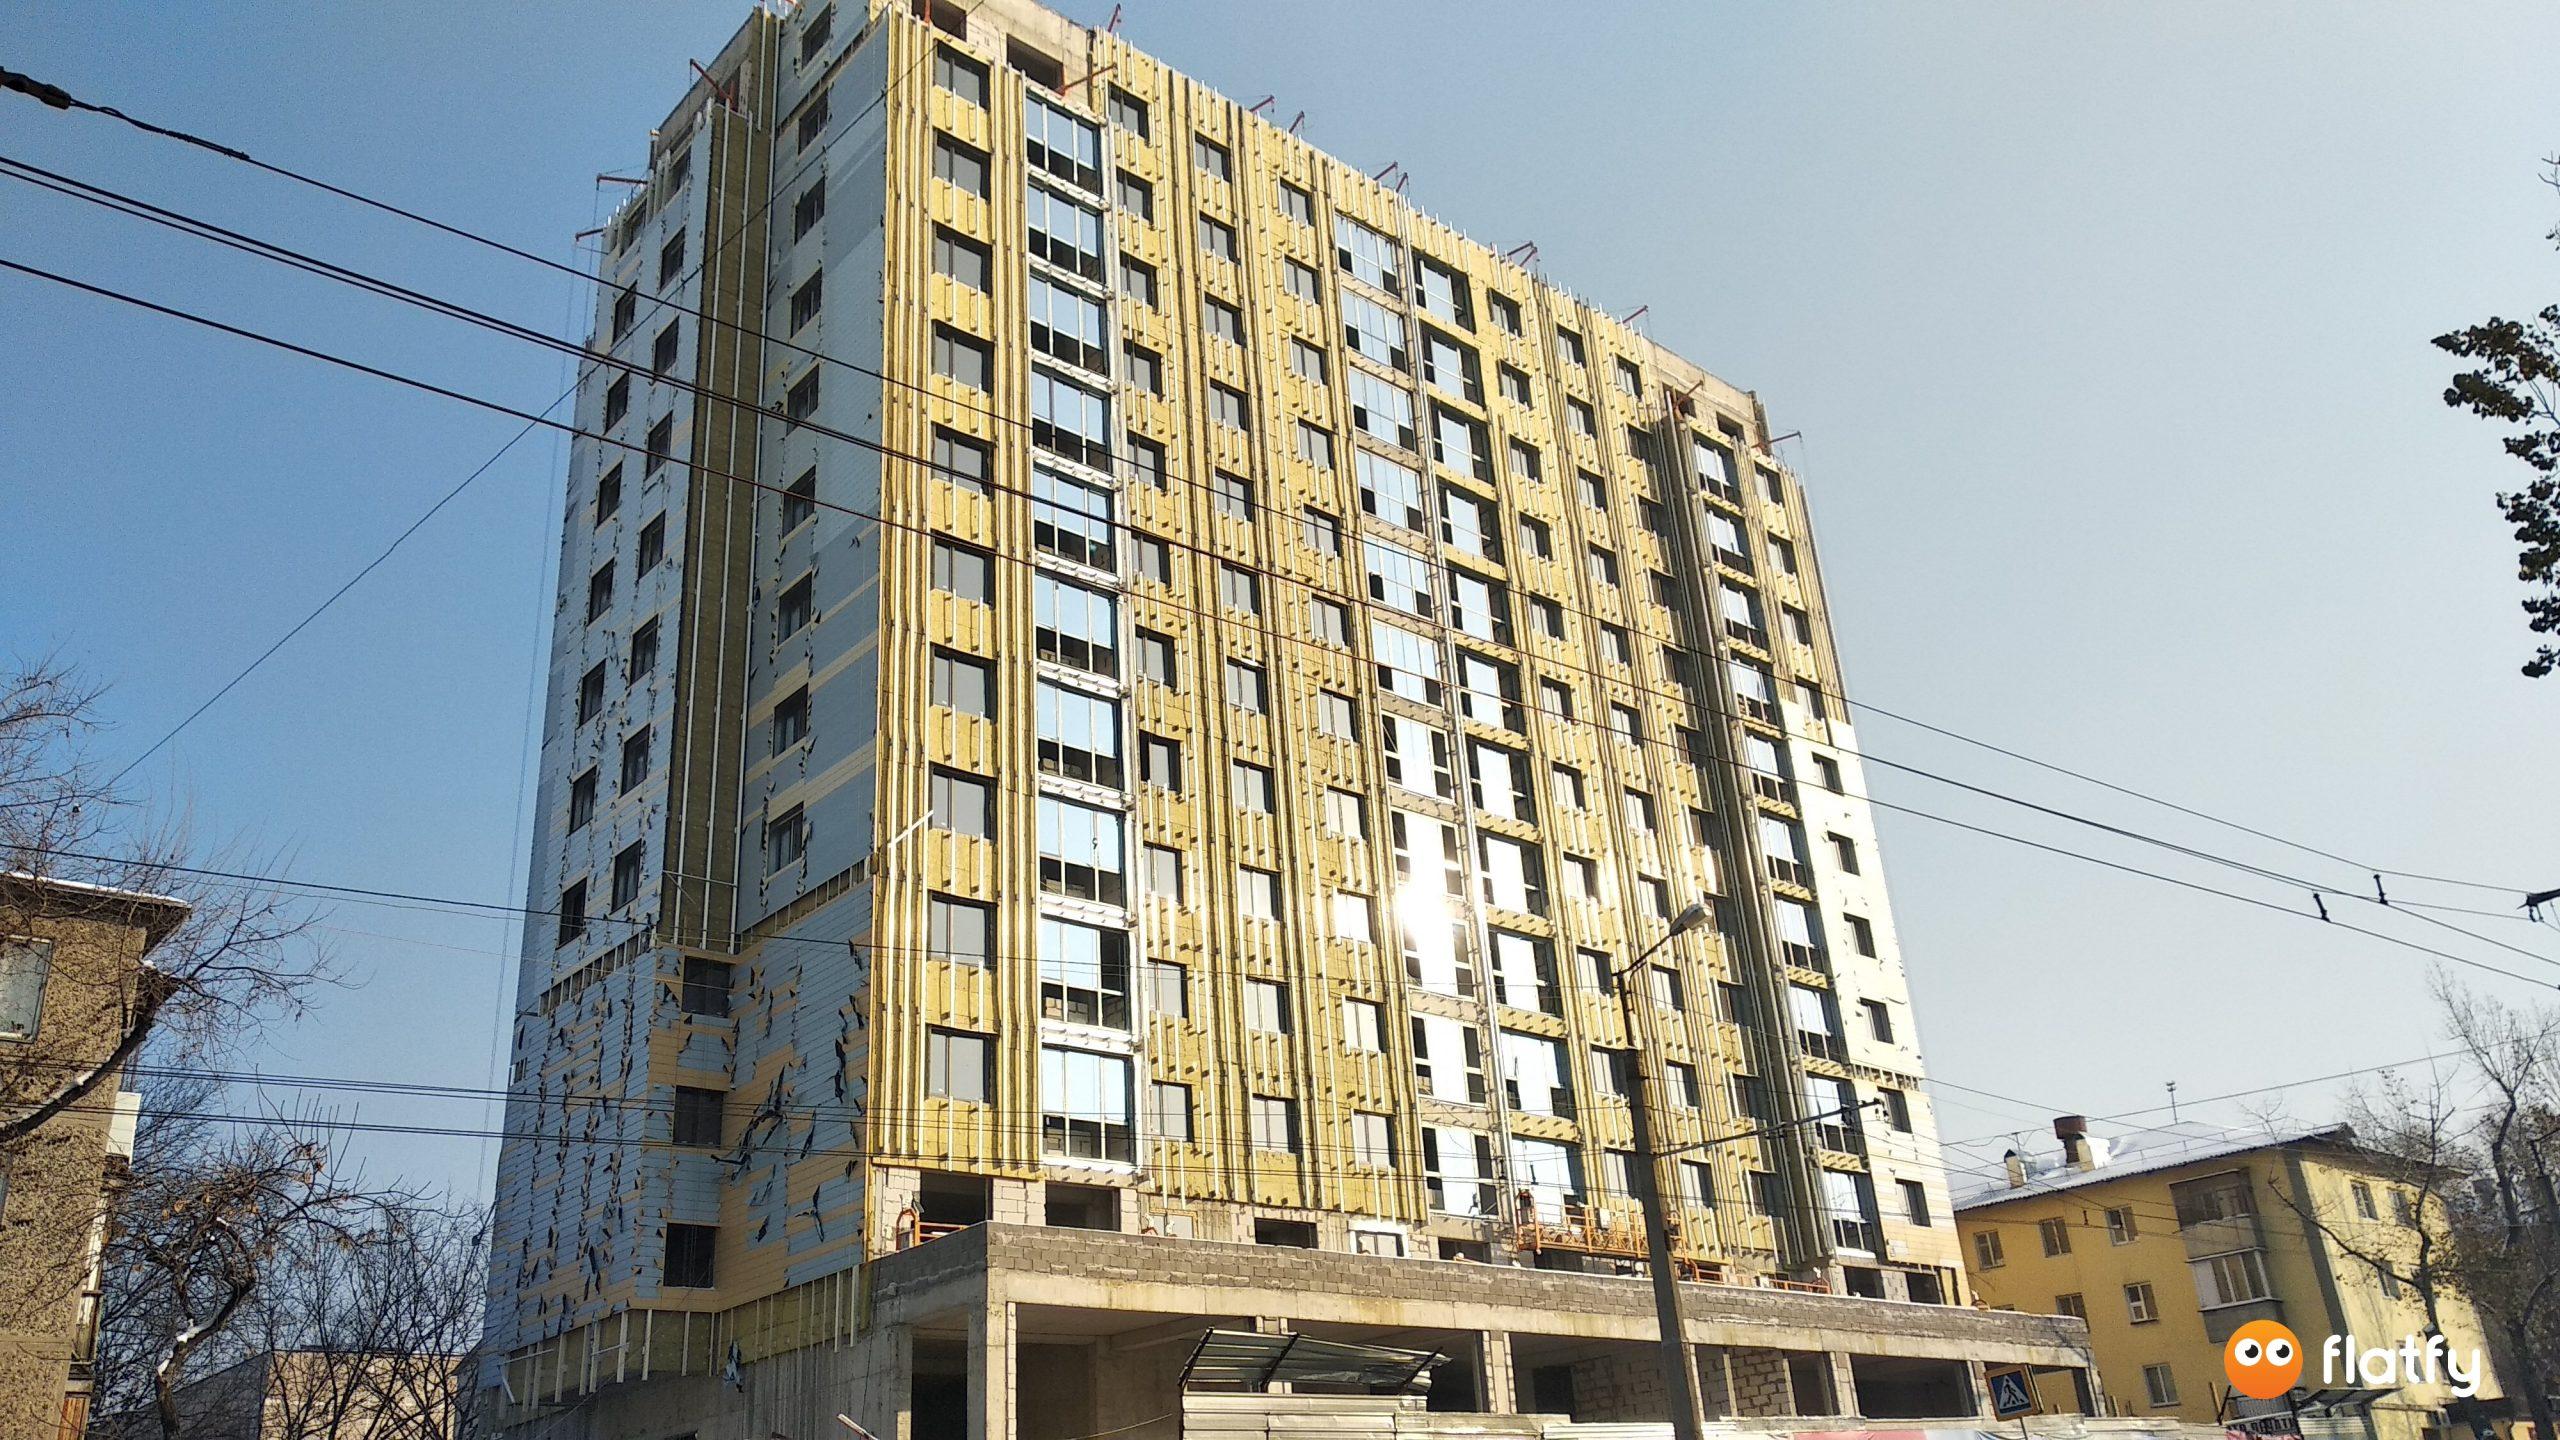 Комфортабельные новостройки в Алматы по оптимальной цене от надежной компании mercur-grad.kz